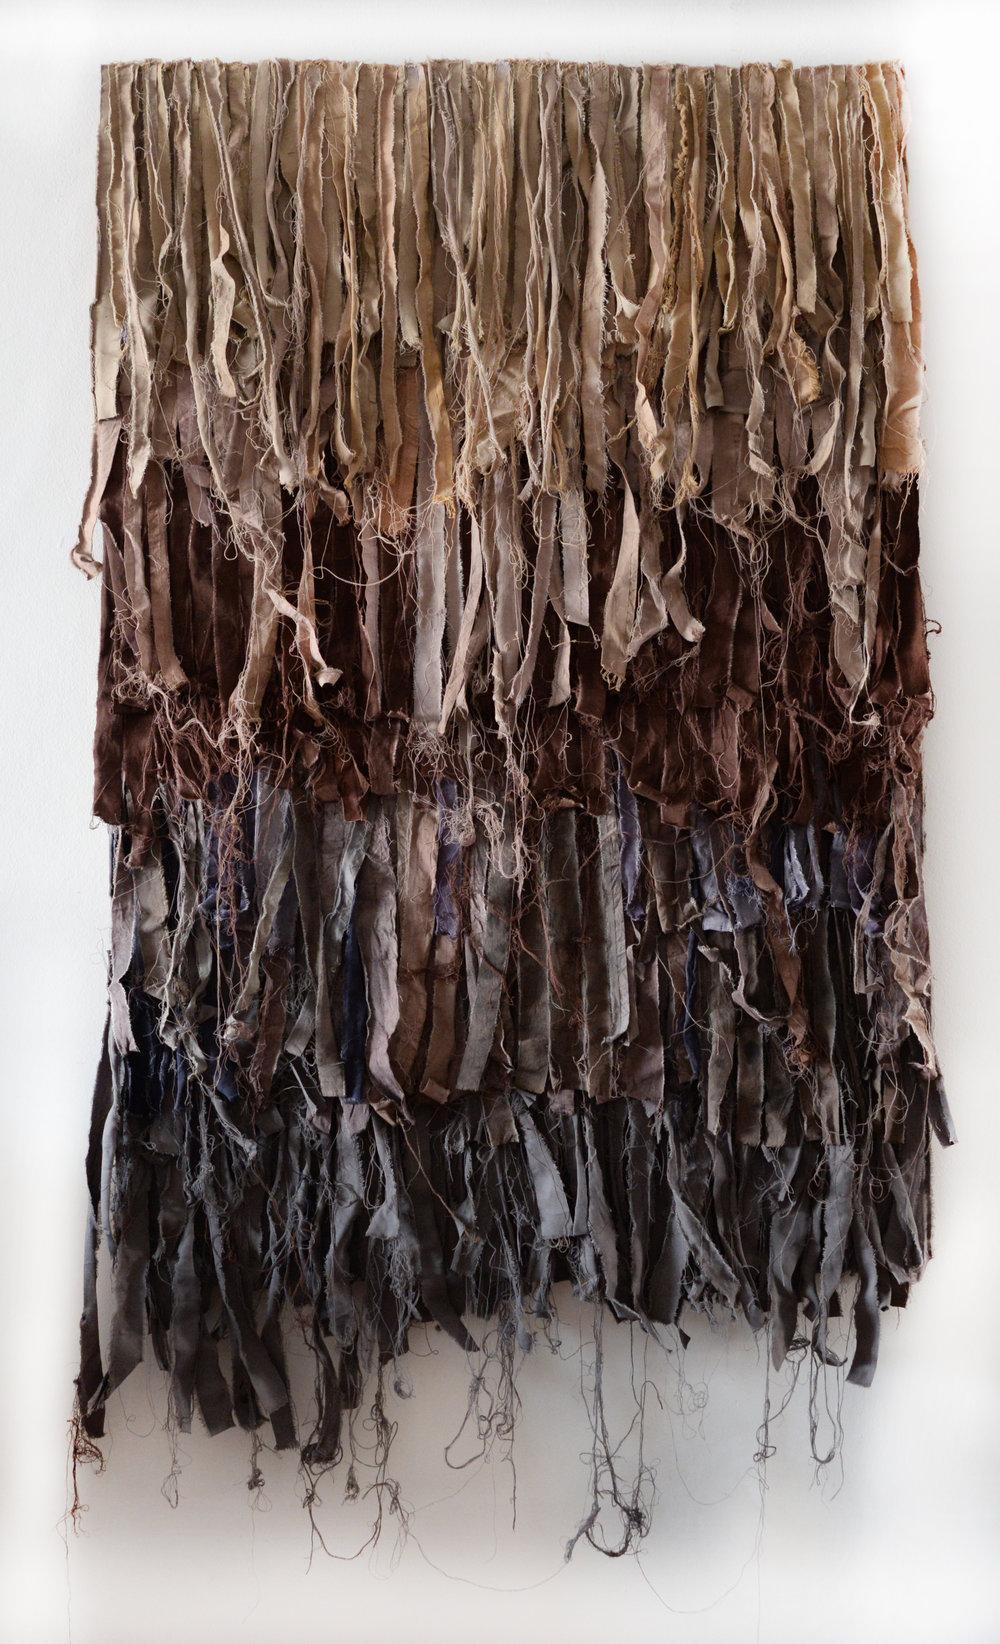 patricia-bigarelli-arte-contemporanea-escultura5.JPG